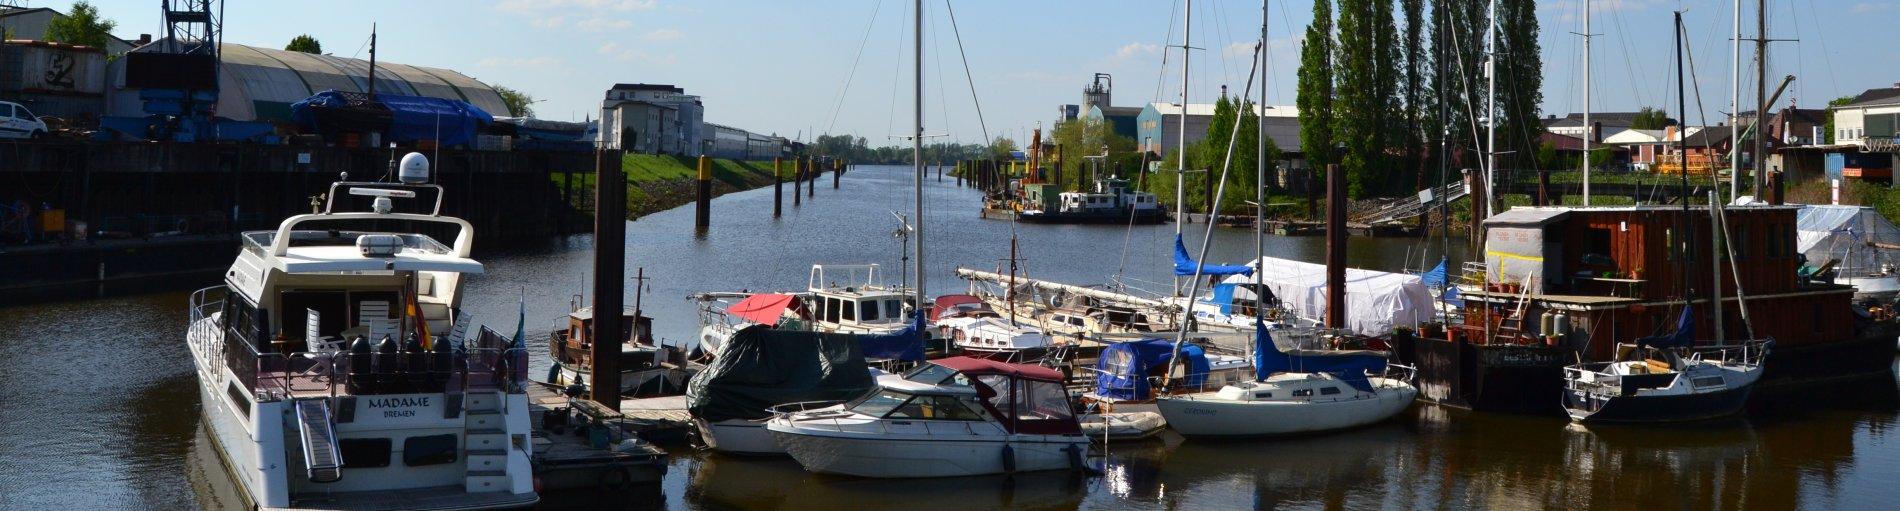 Blick auf den Neustädter Hafen